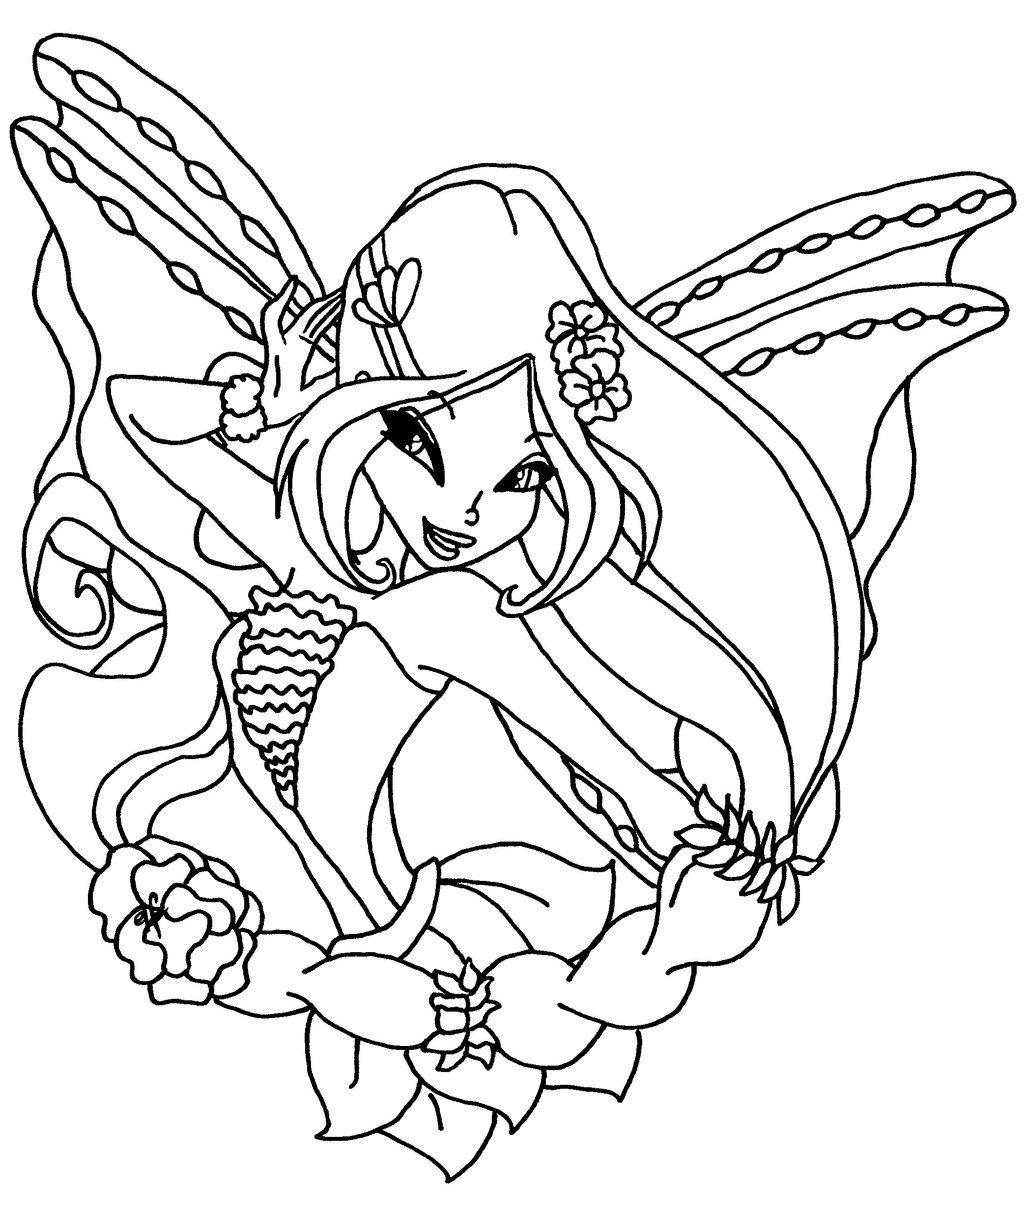 Tranh Tô Màu Công Chúa Winx Layla 43